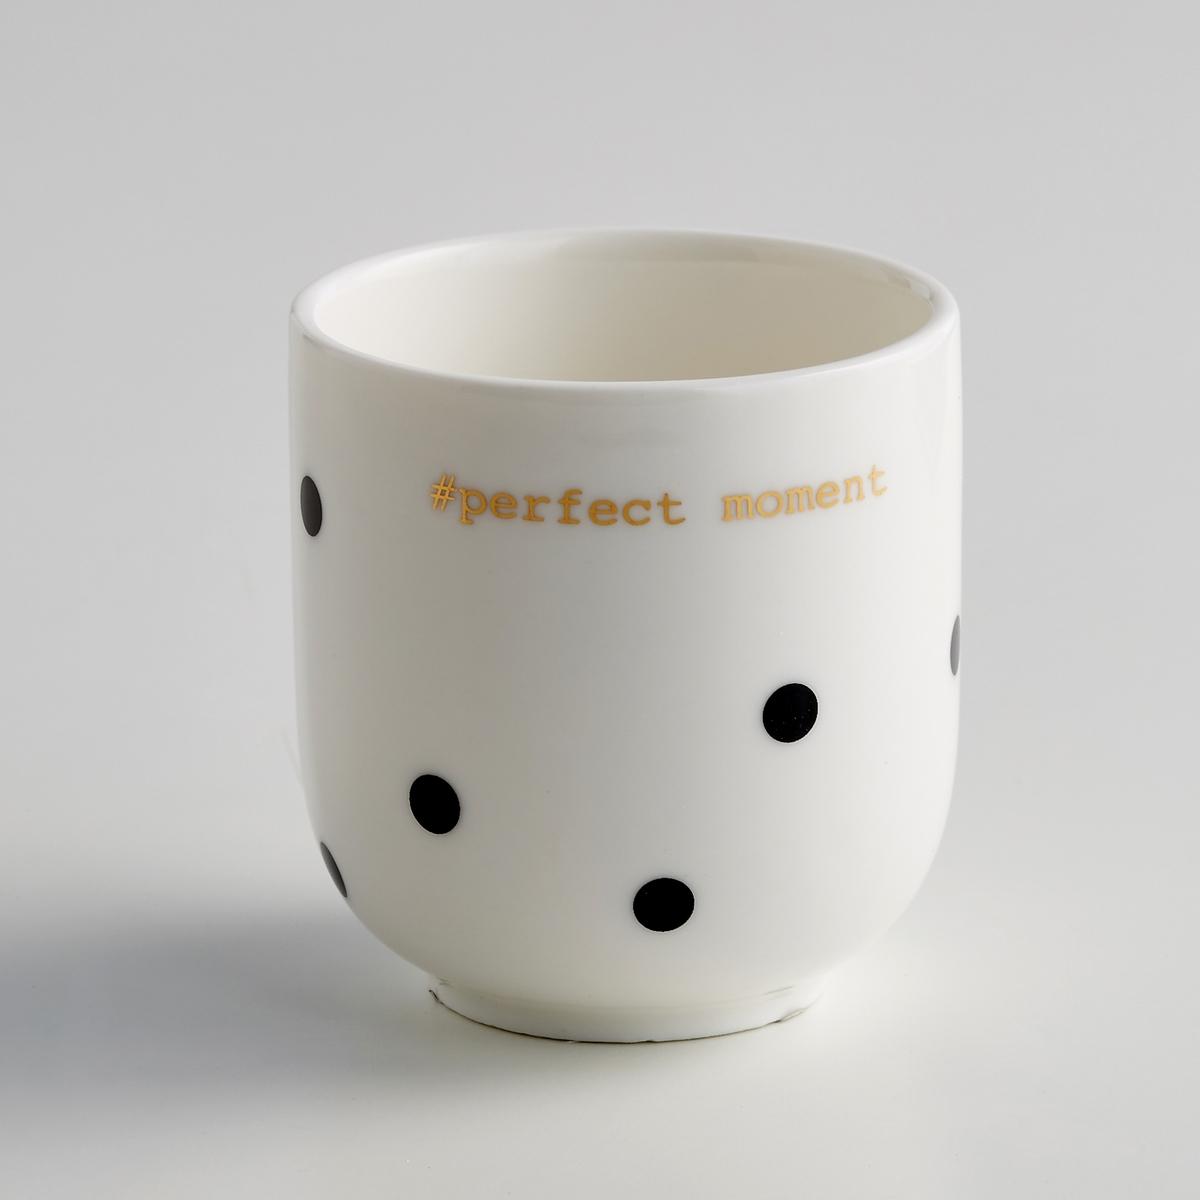 4 кружки для эспрессо из фарфора, KublerХарактеристики 4 кружек для эспрессо из фарфора, Kubler Kubler  :- Чашки для эспрессо из фарфора  - Диаметр : 6 см.- Высота : 7 см- Объем : 150 мл - Подходят для мытья в посудомоечной машине- Не подходят для микроволновой печи  - Продаются в комплекте из 4 штук Найдите комплект посуды Kubler на нашем сайте laredoute.ru<br><br>Цвет: в горошек черный/фон белый